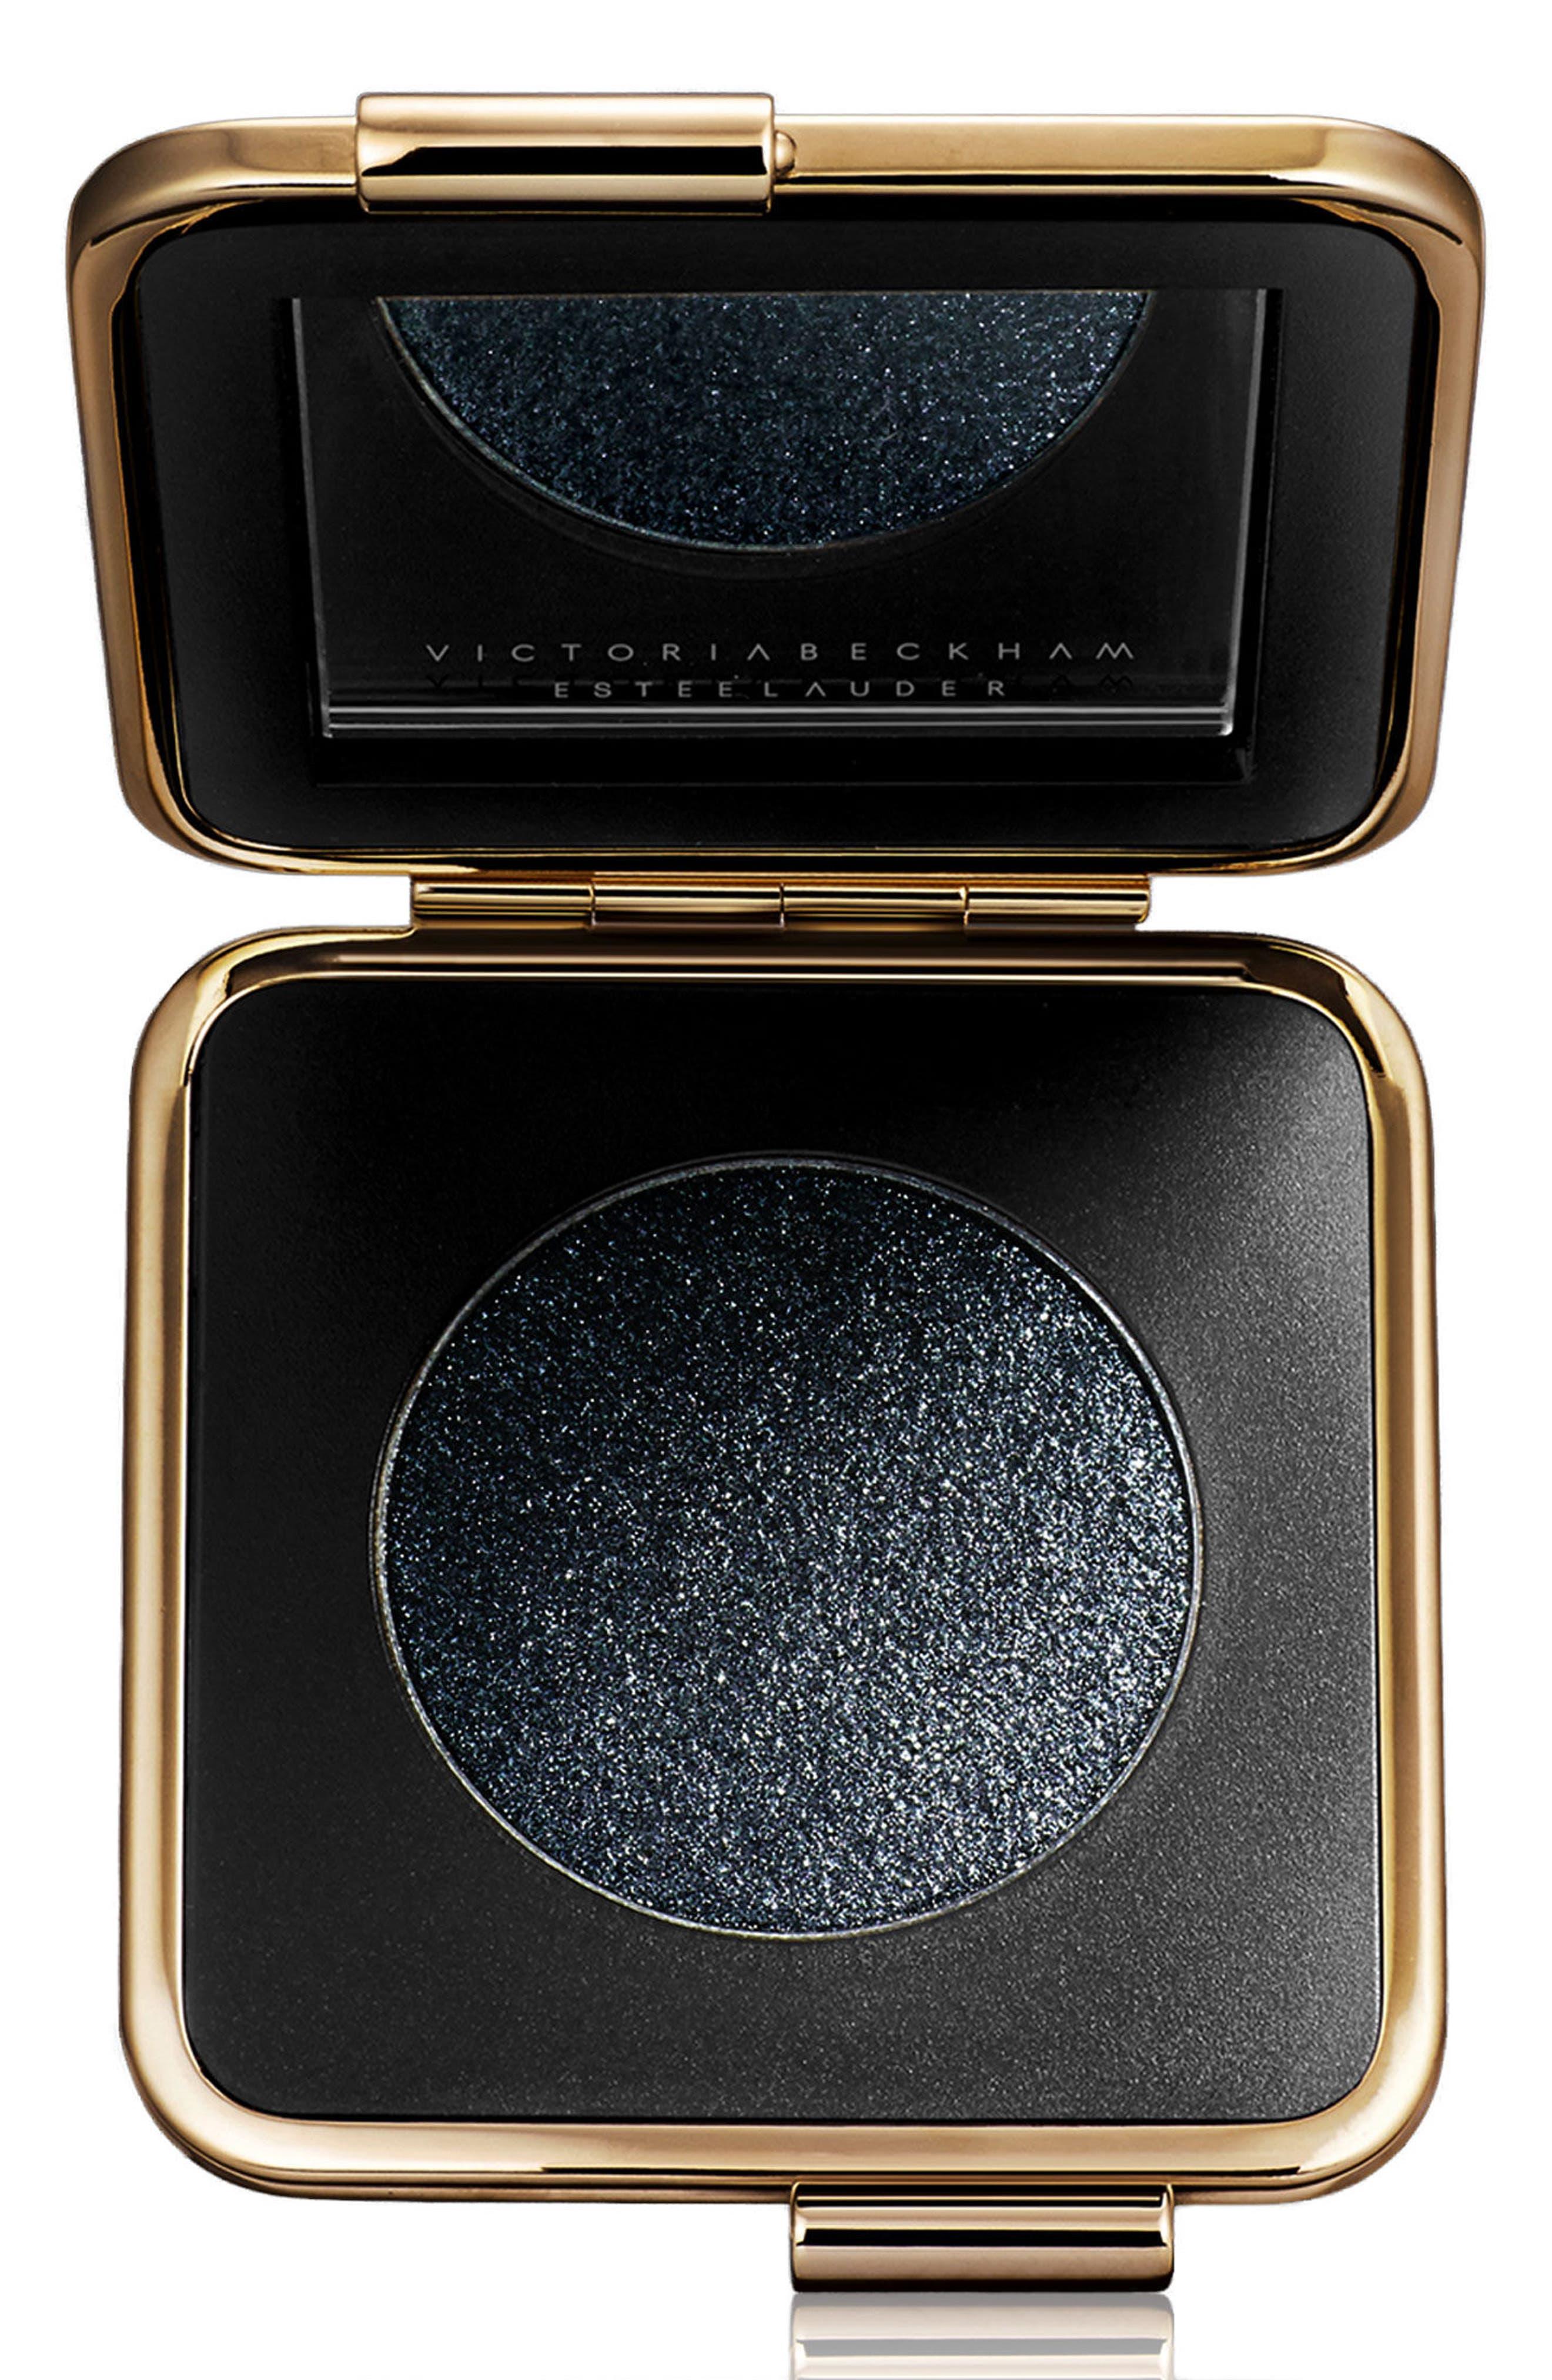 Alternate Image 1 Selected - Estée Lauder Victoria Beckham Eye Ink Shadow